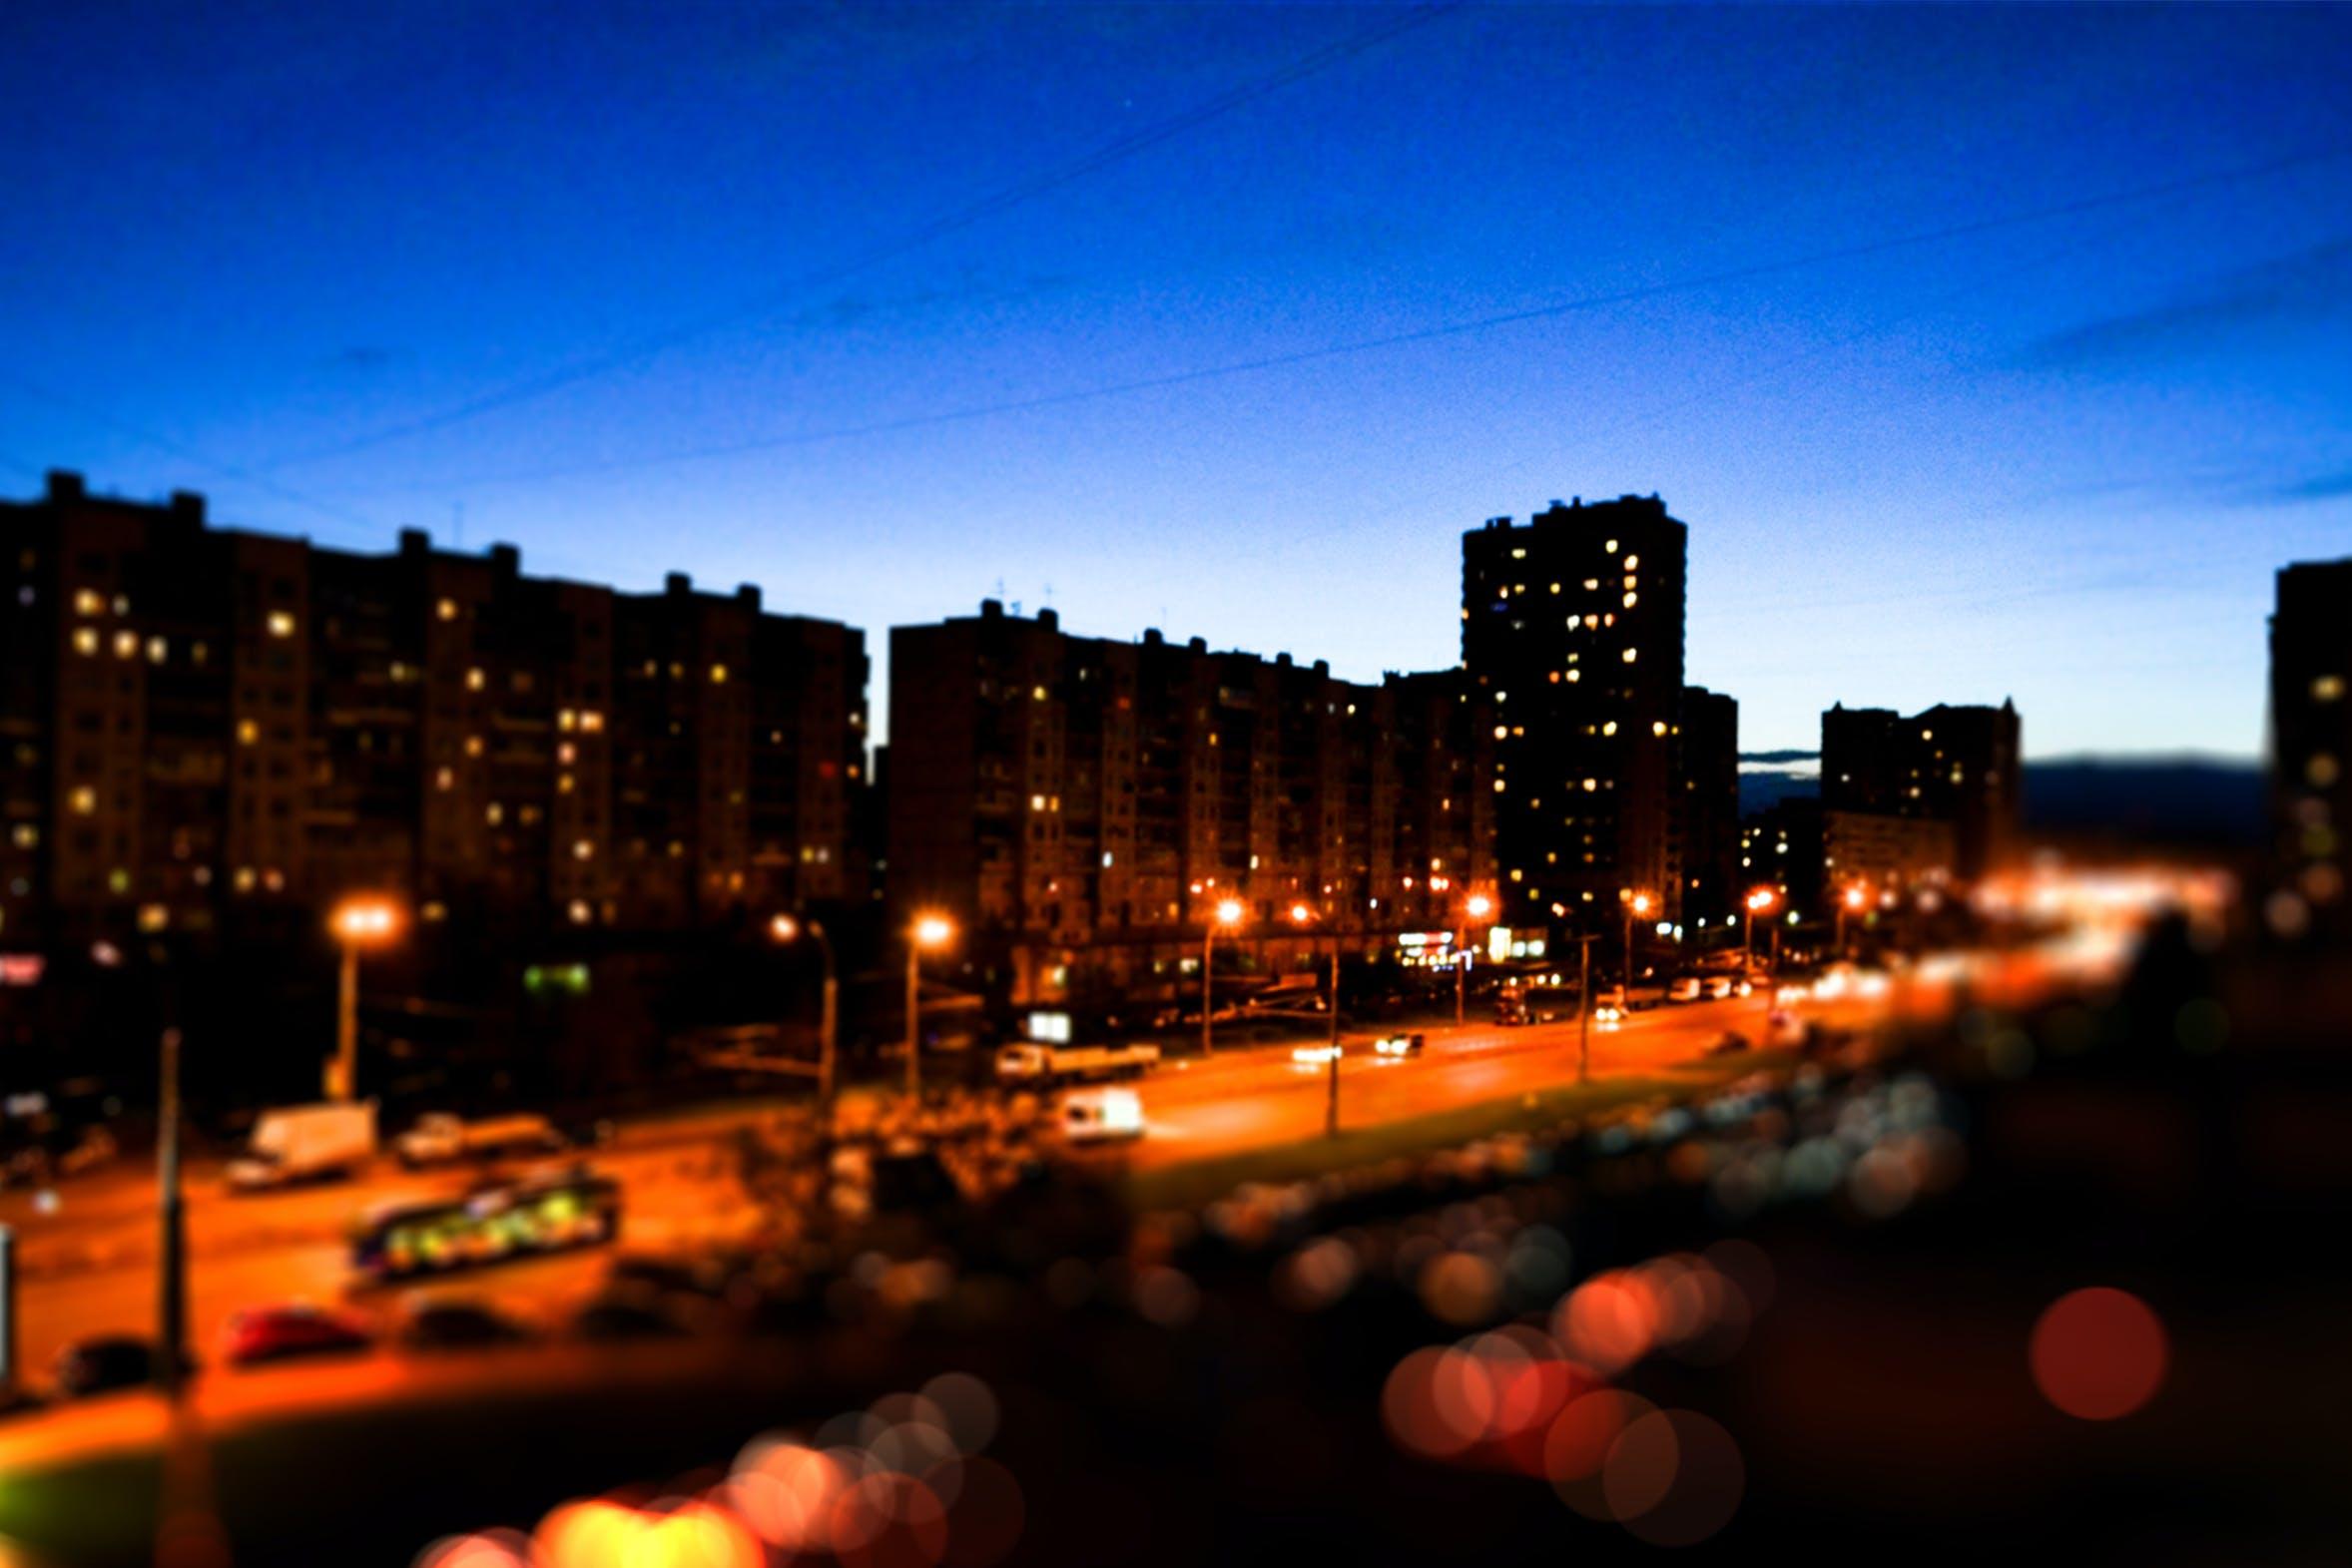 Δωρεάν στοκ φωτογραφιών με απόγευμα, αυτοκίνητα, δρόμος, ελαφρύς